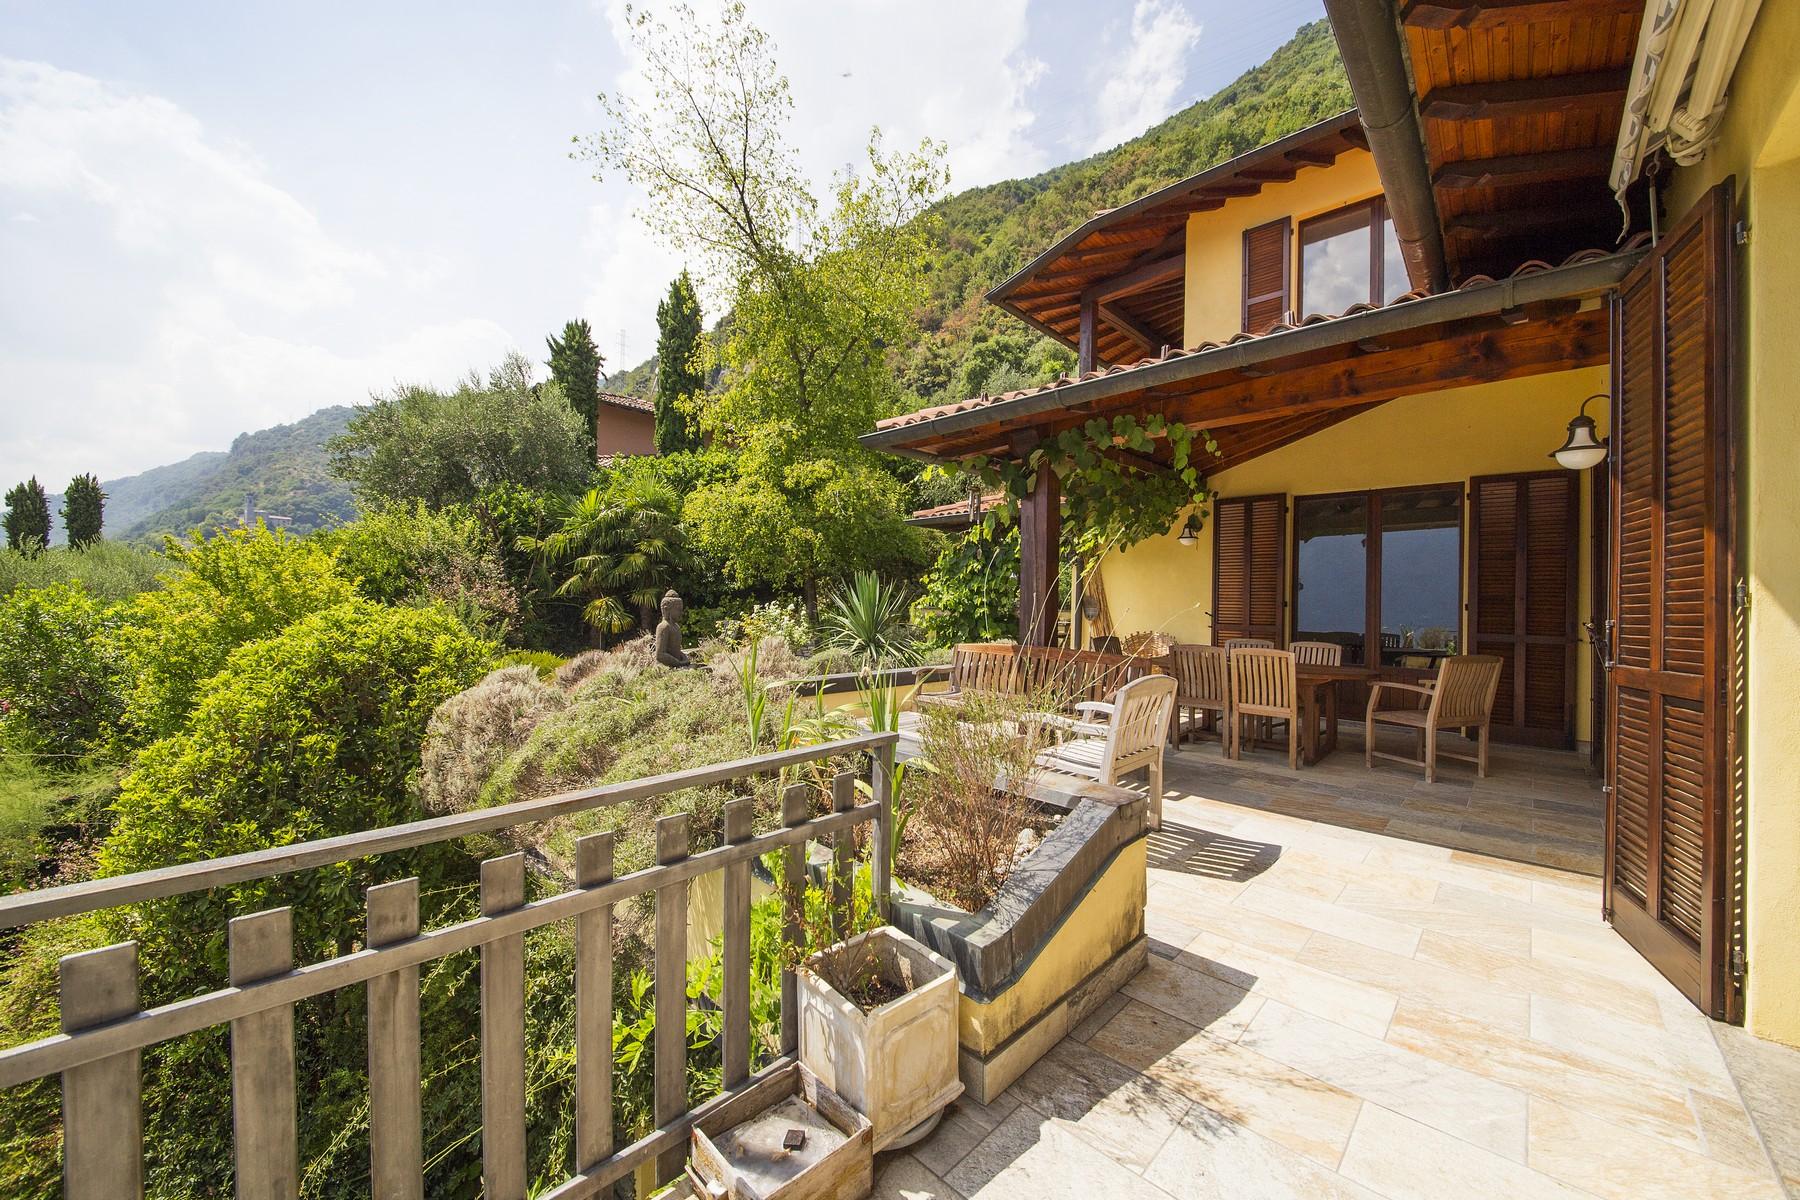 Villa in Vendita a Lenno: 5 locali, 320 mq - Foto 8